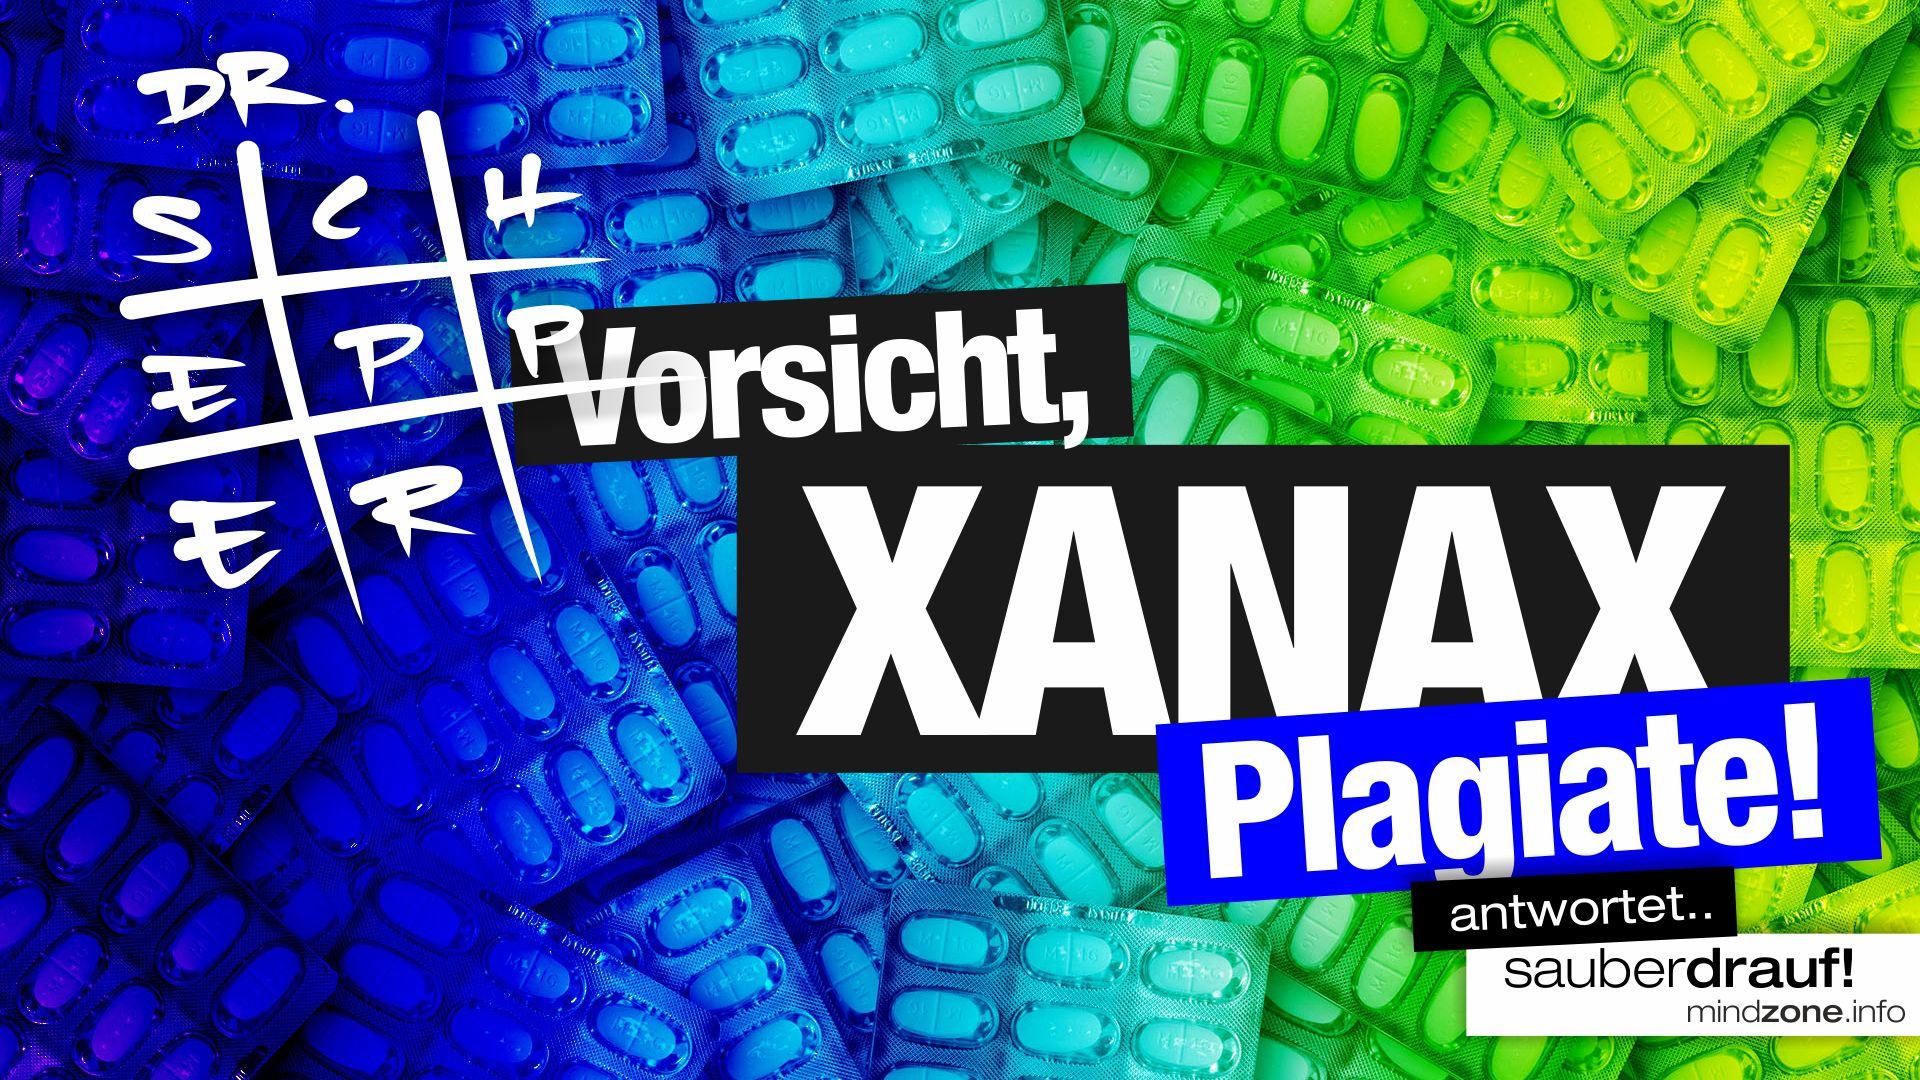 pills-1160893 – Vorsicht, Xanax-Plagiate! sauber drauf mit mindzone drogen-beratung